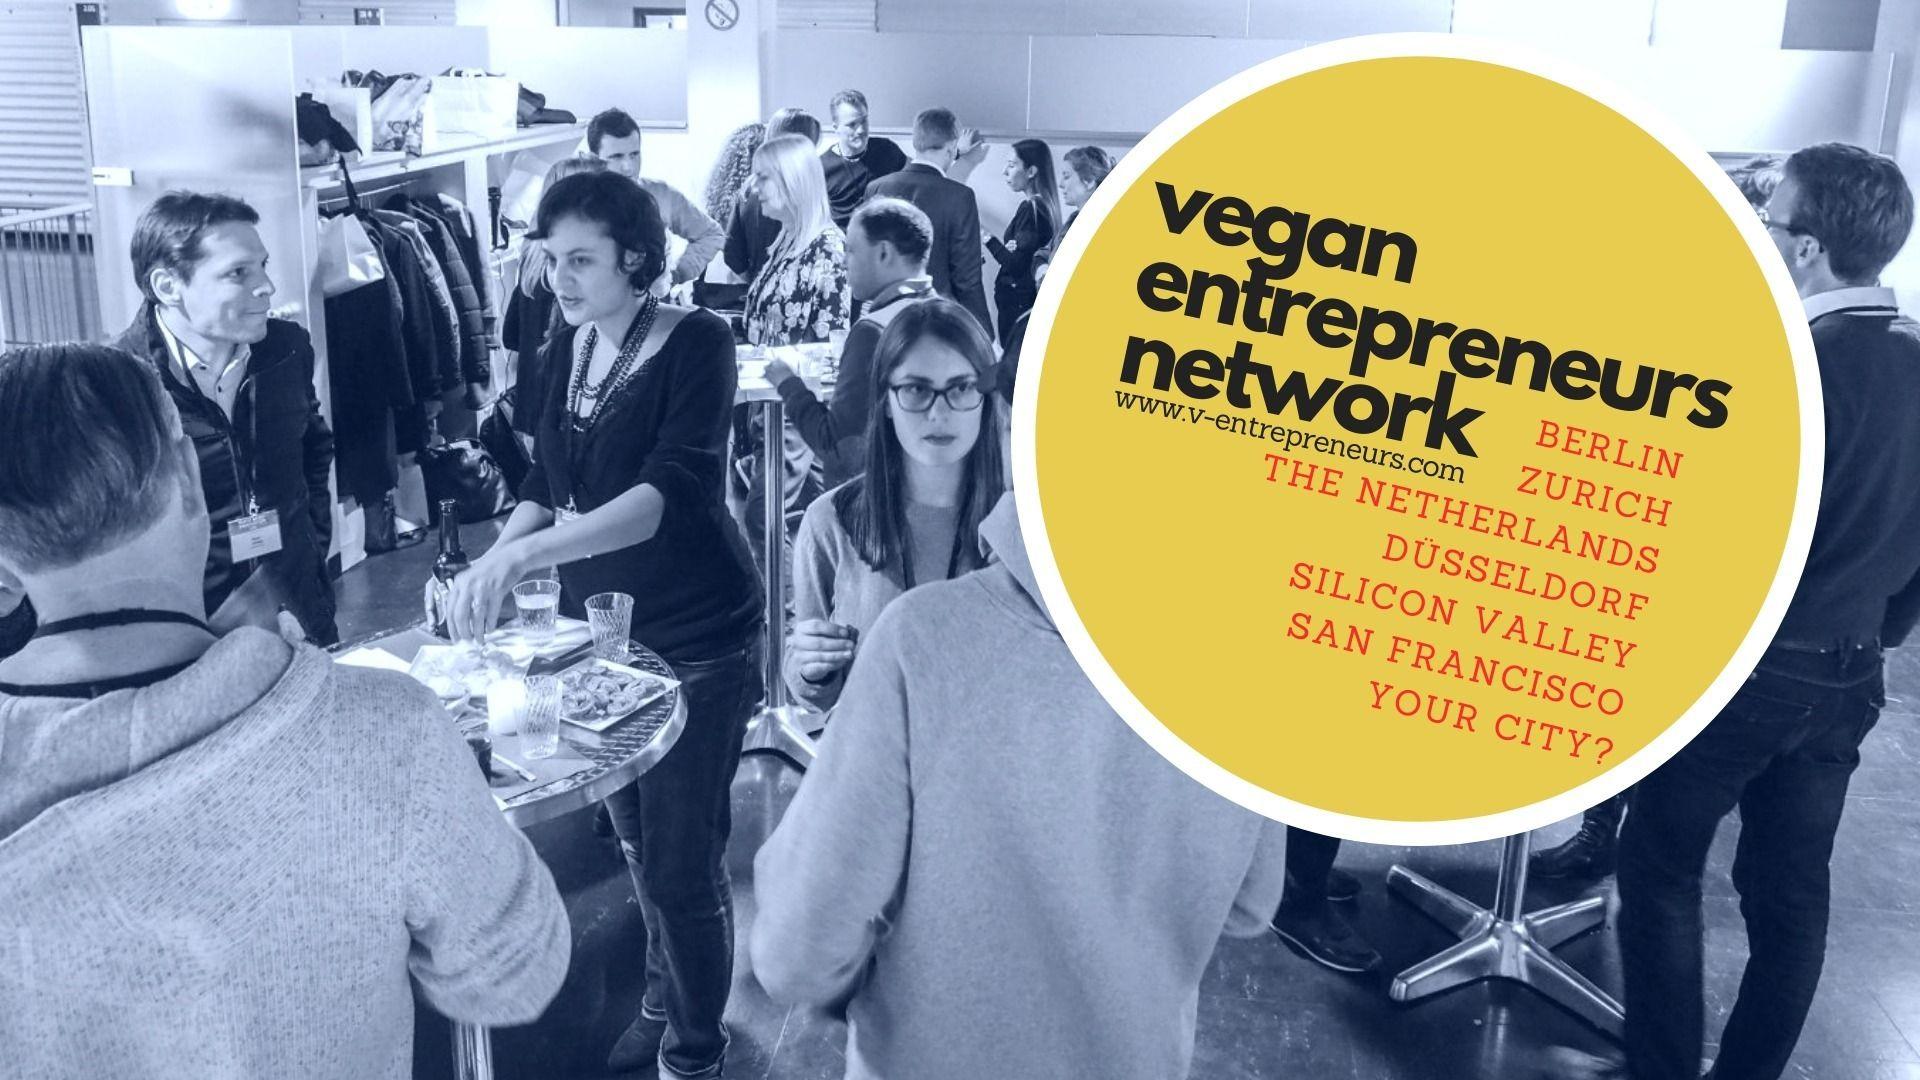 Vegan Entrepreneurs Berlin